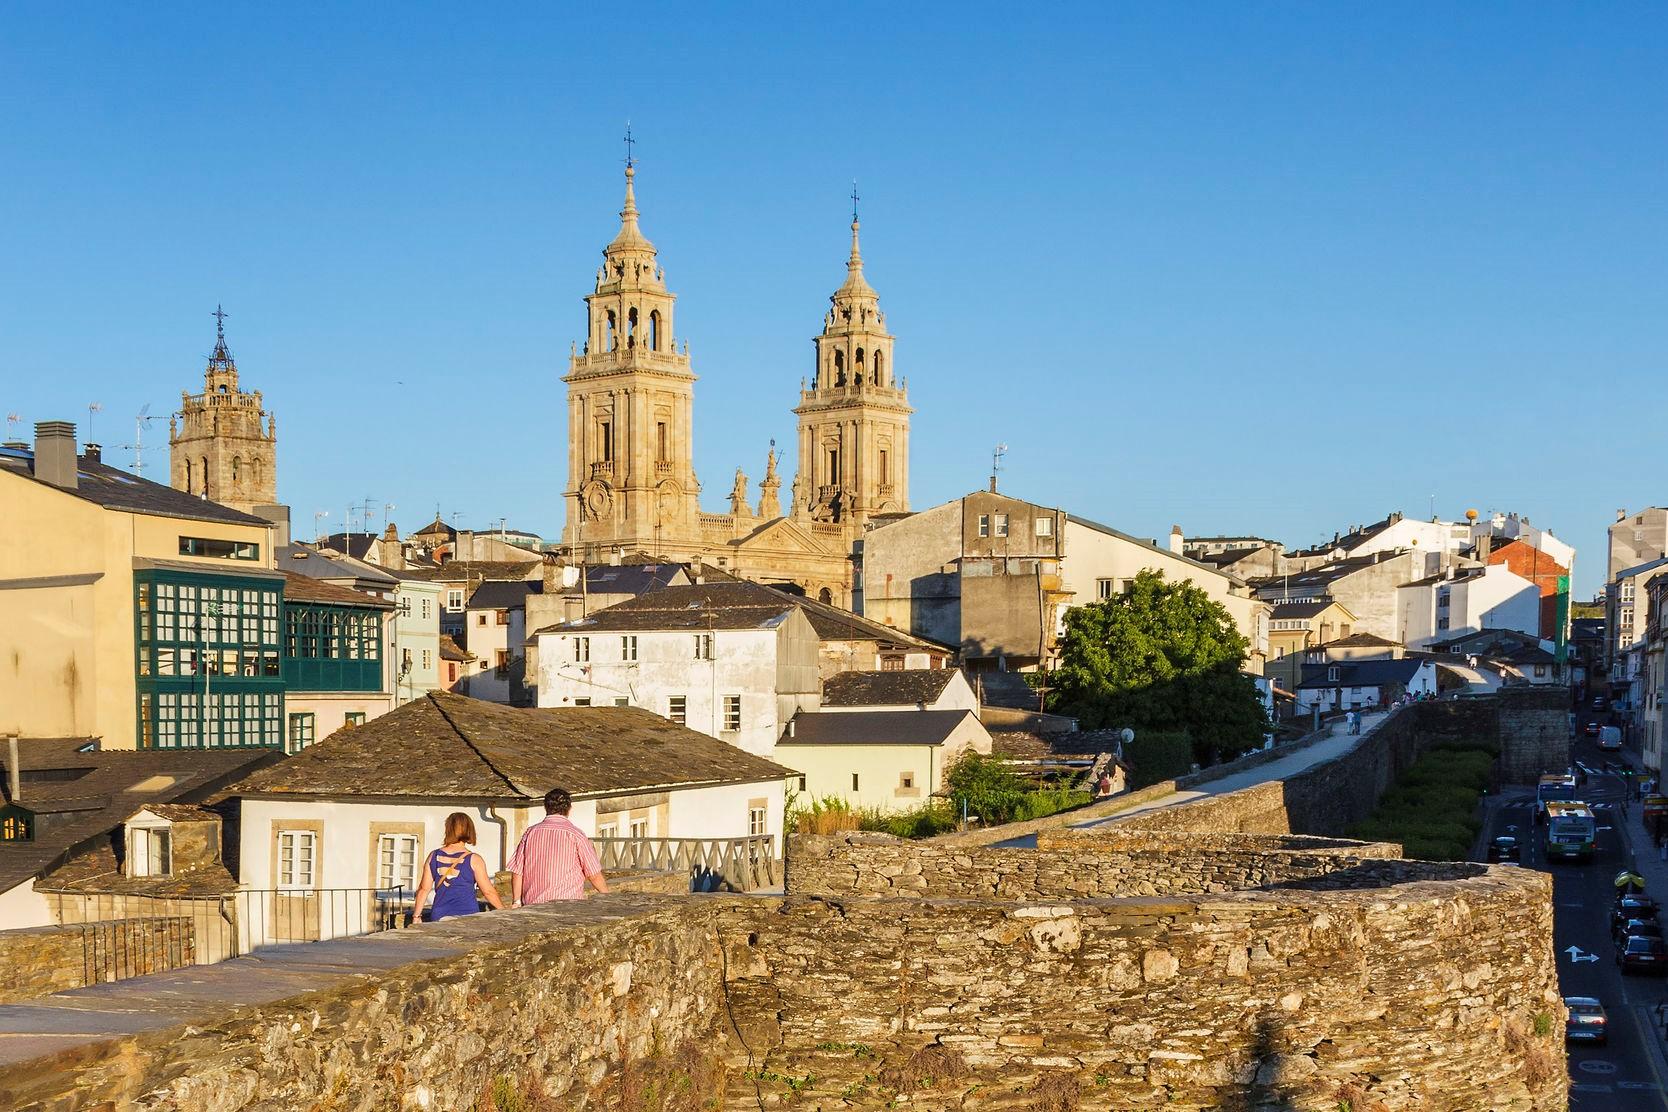 北スペインの観光スポットであるガリシアのルーゴ